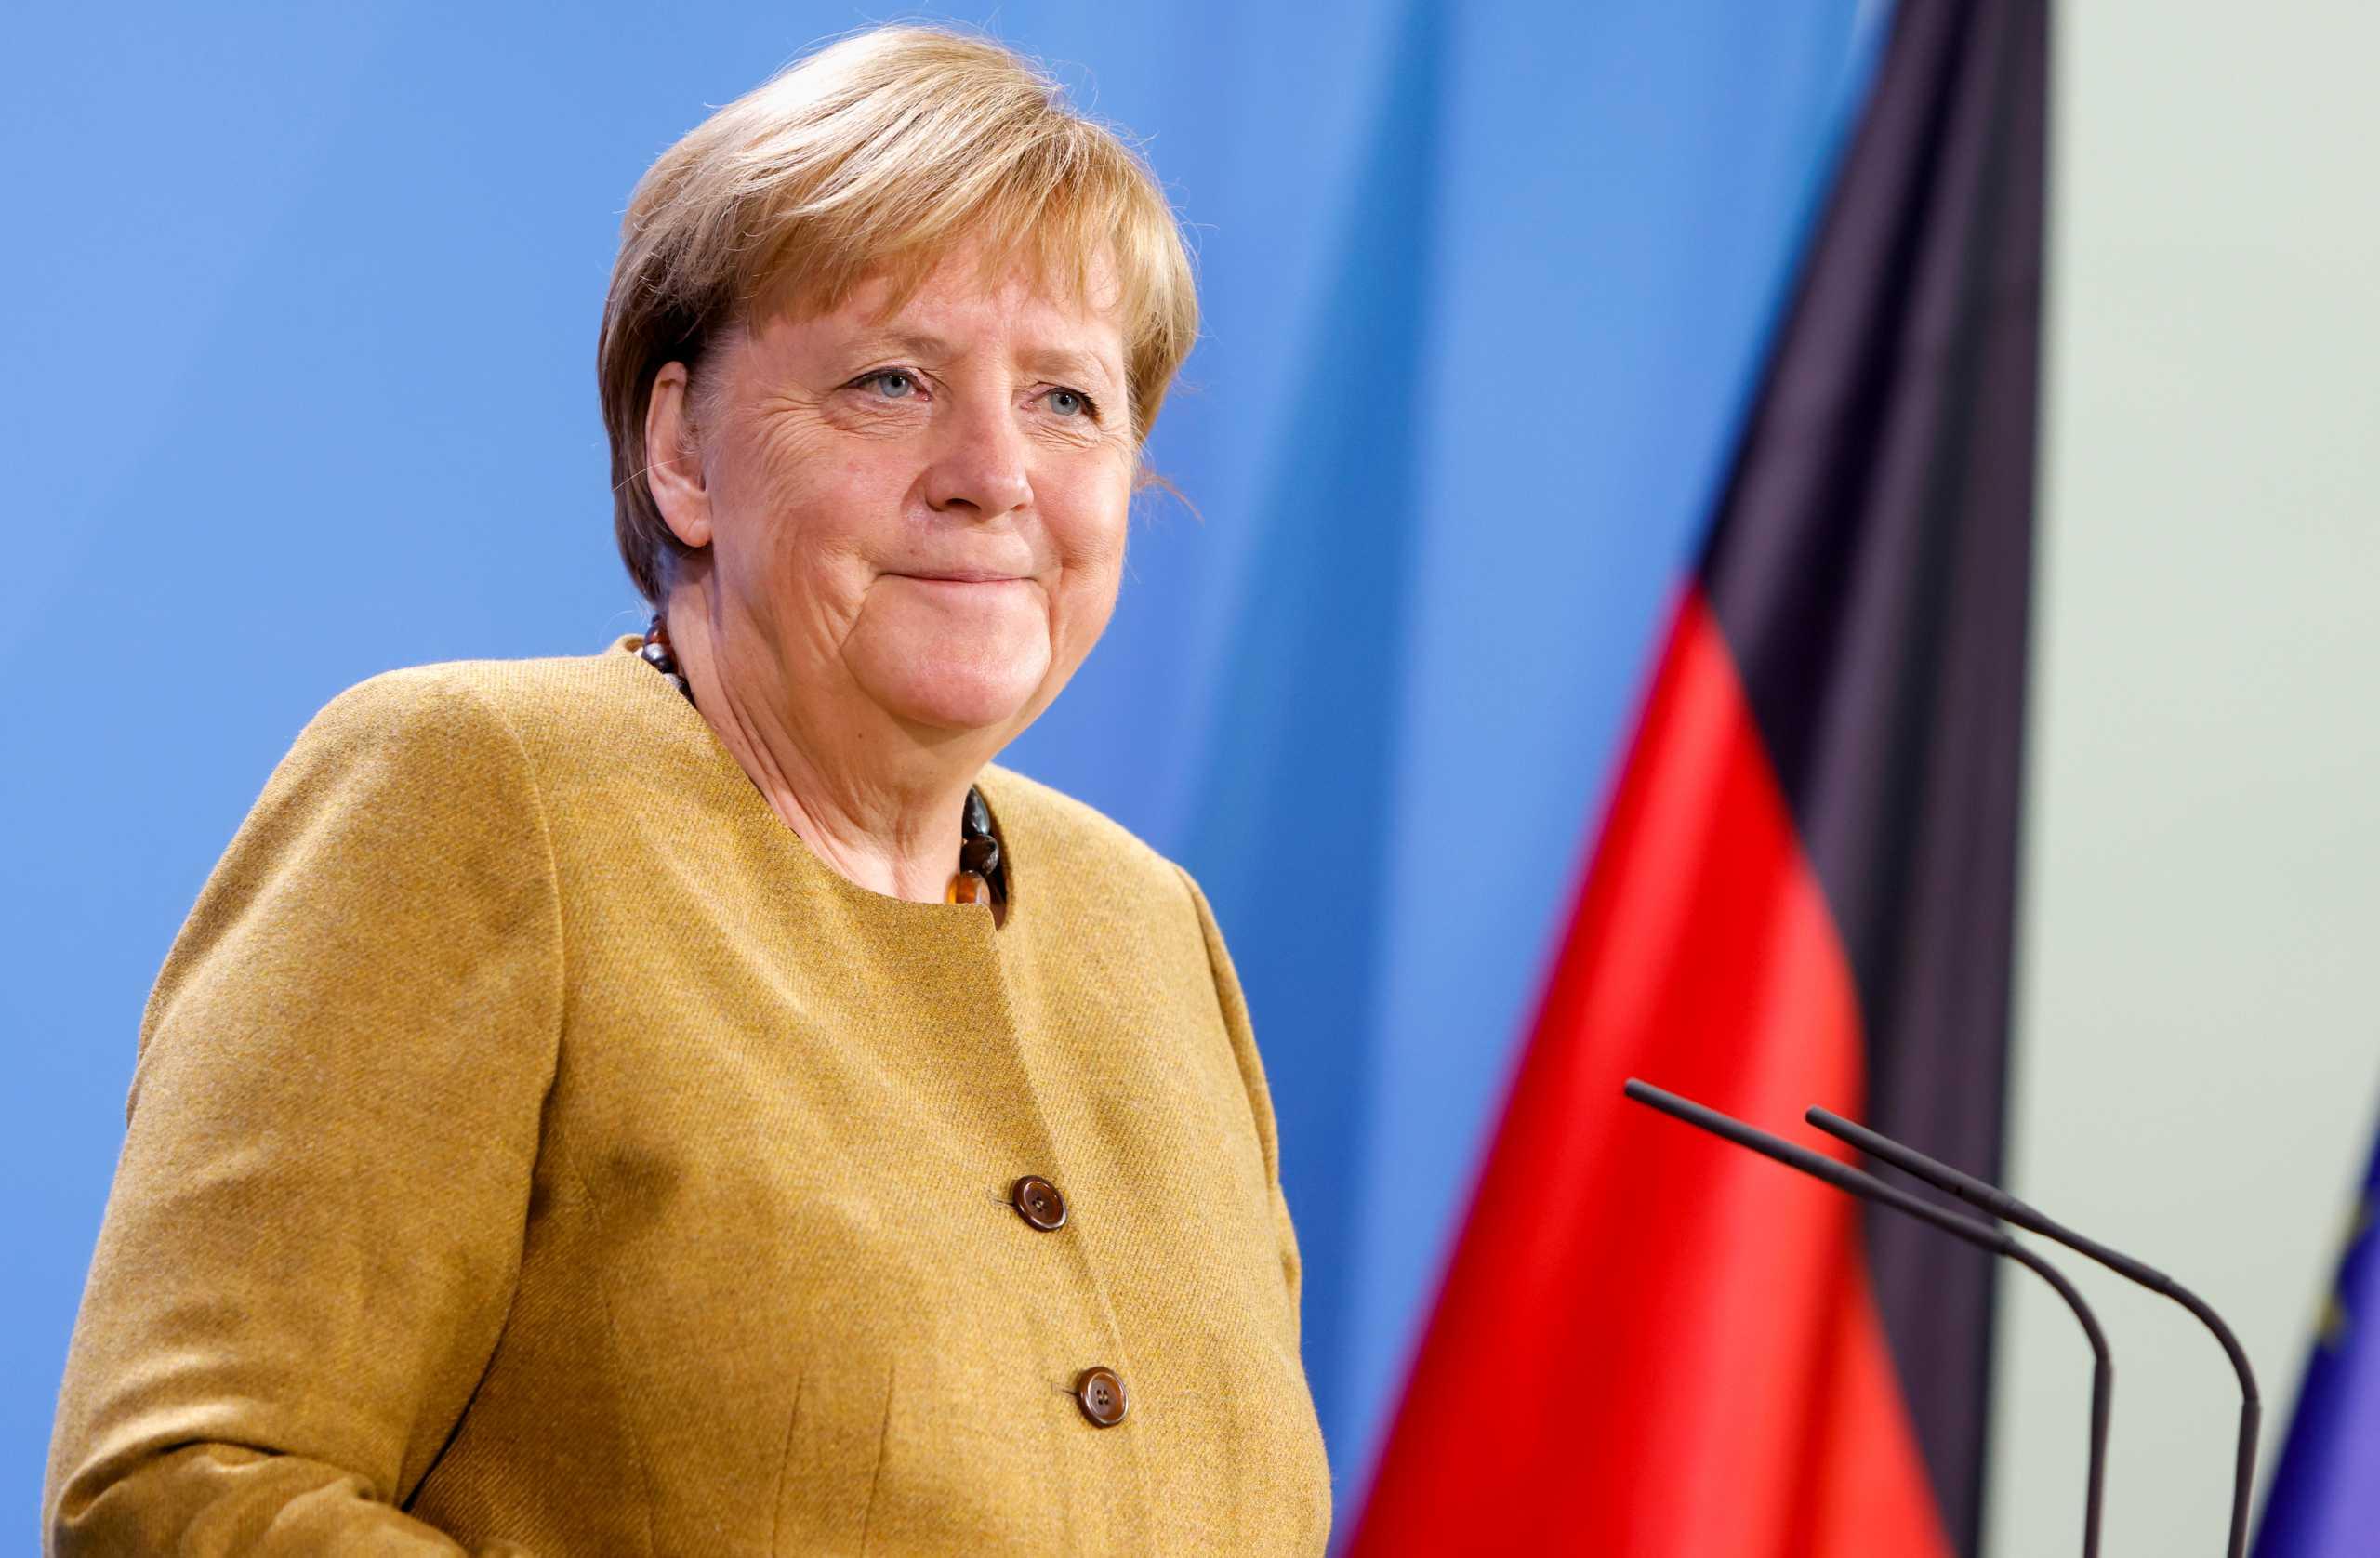 Άνγκελα Μέρκελ: Η Ευρώπη μπορεί να αντιμετωπίσει την άνοδο της Κίνας μόνο αν είναι ενωμένη